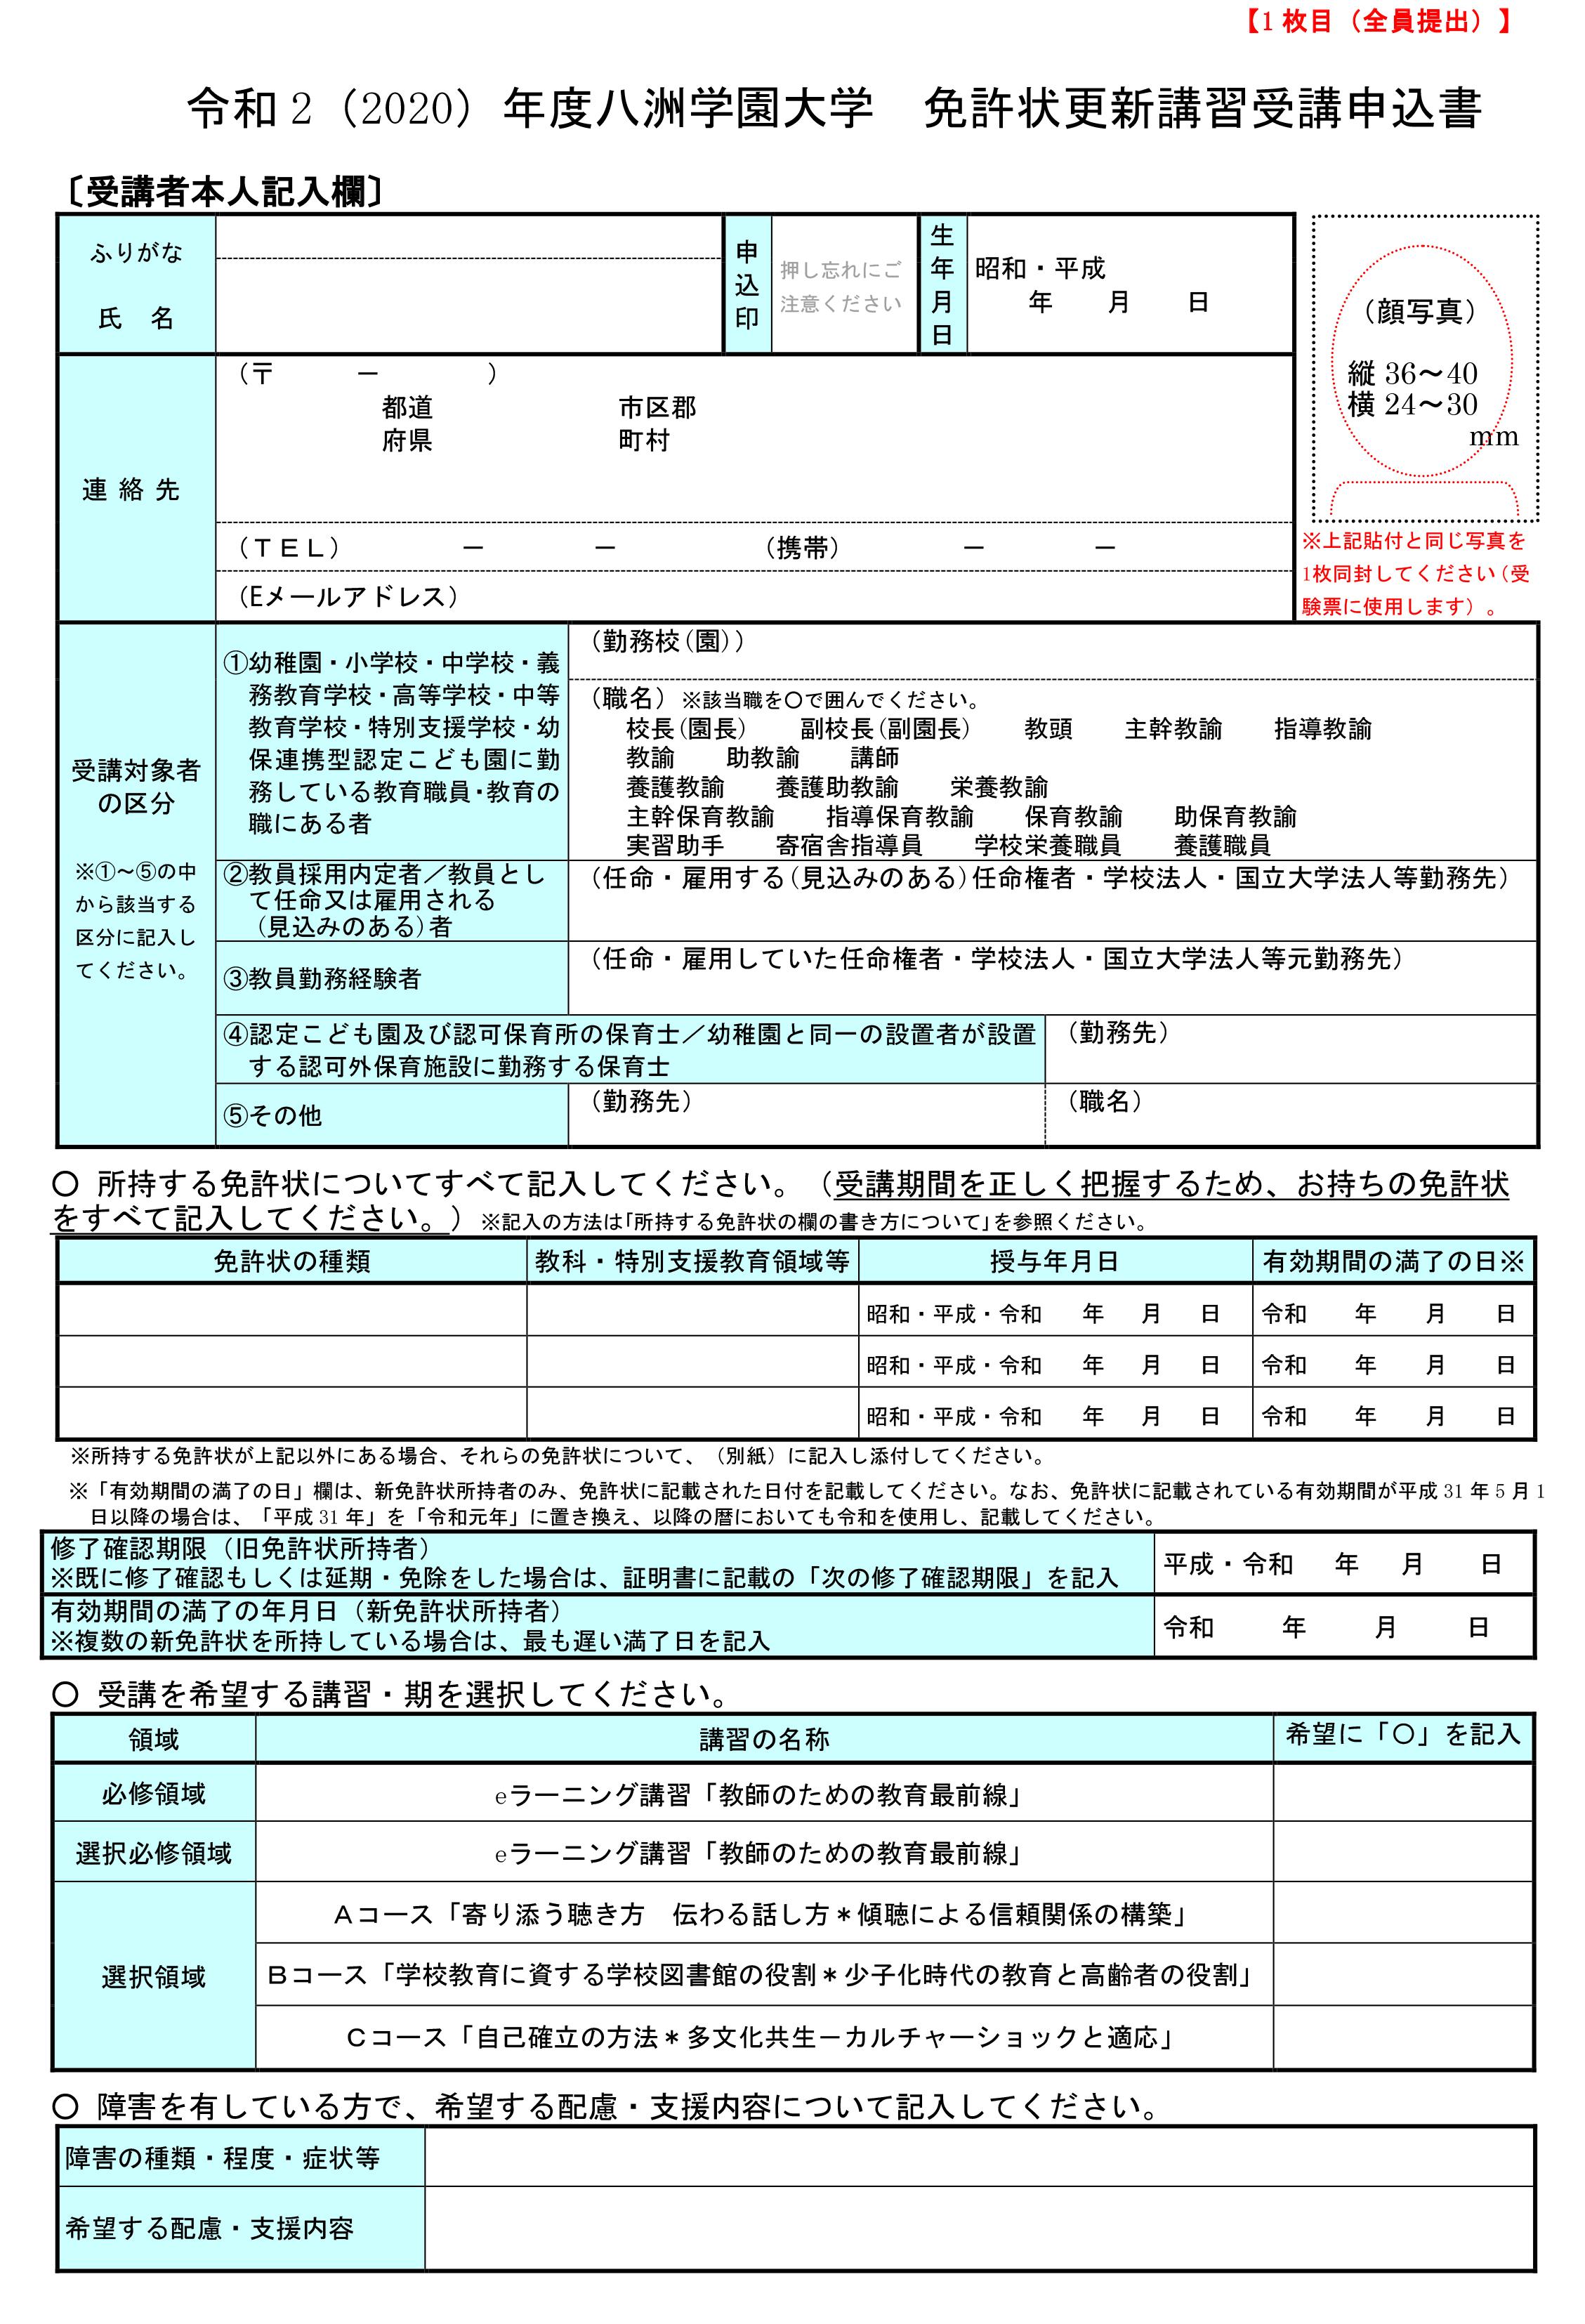 コロナ 大阪 免許 更新